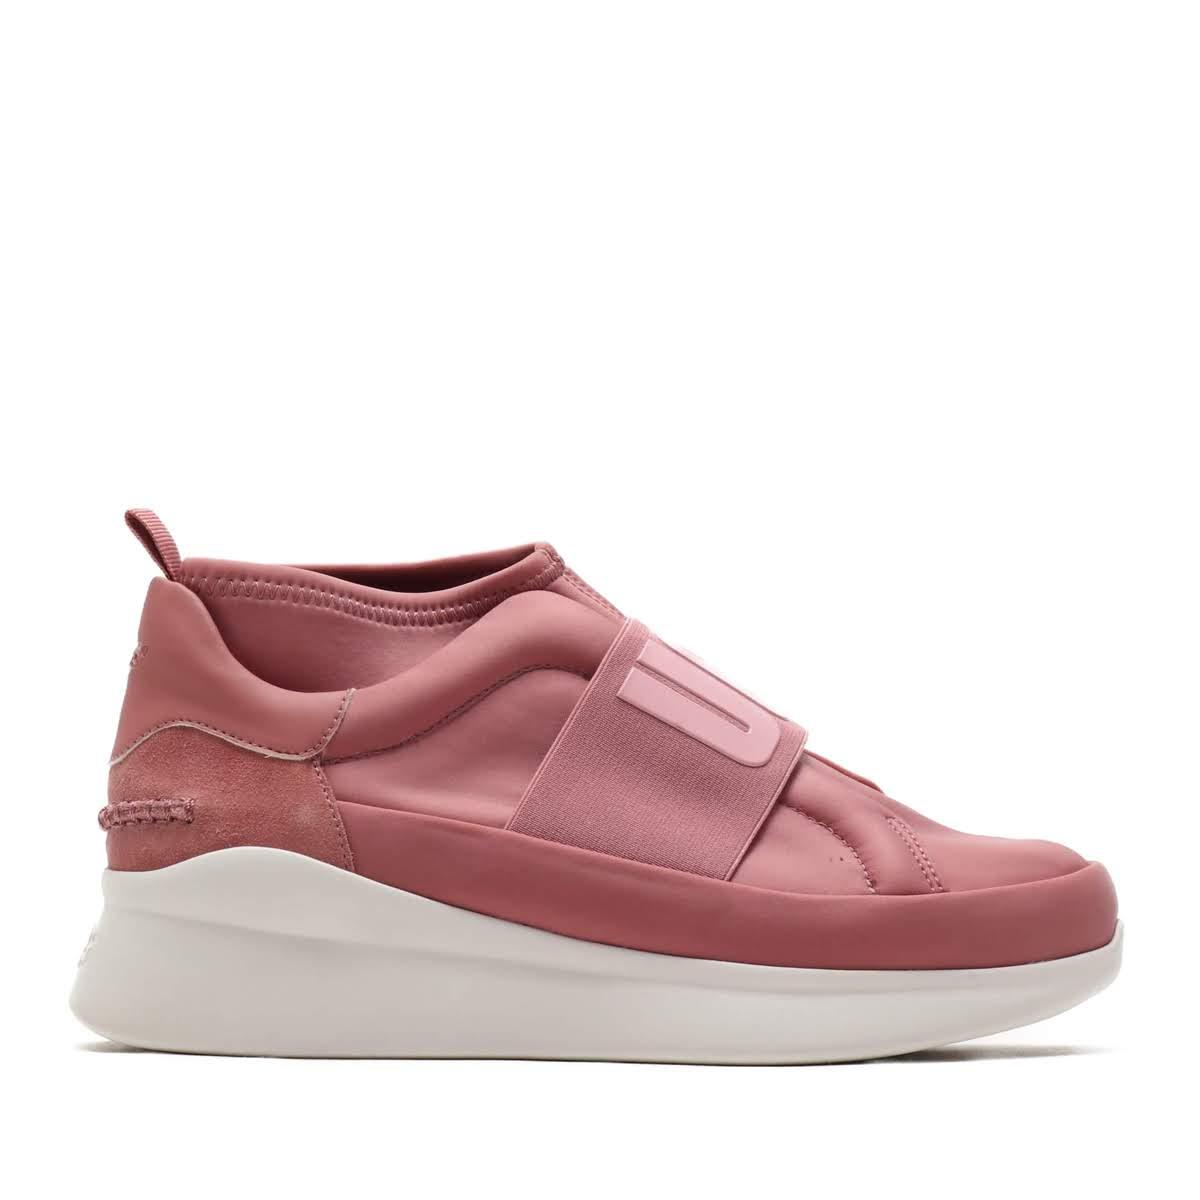 UGG Neutra Sneaker(PINK DAWN)(アグ ニュートラ スニーカー)【レディース】【スニーカー】【19SS-I】